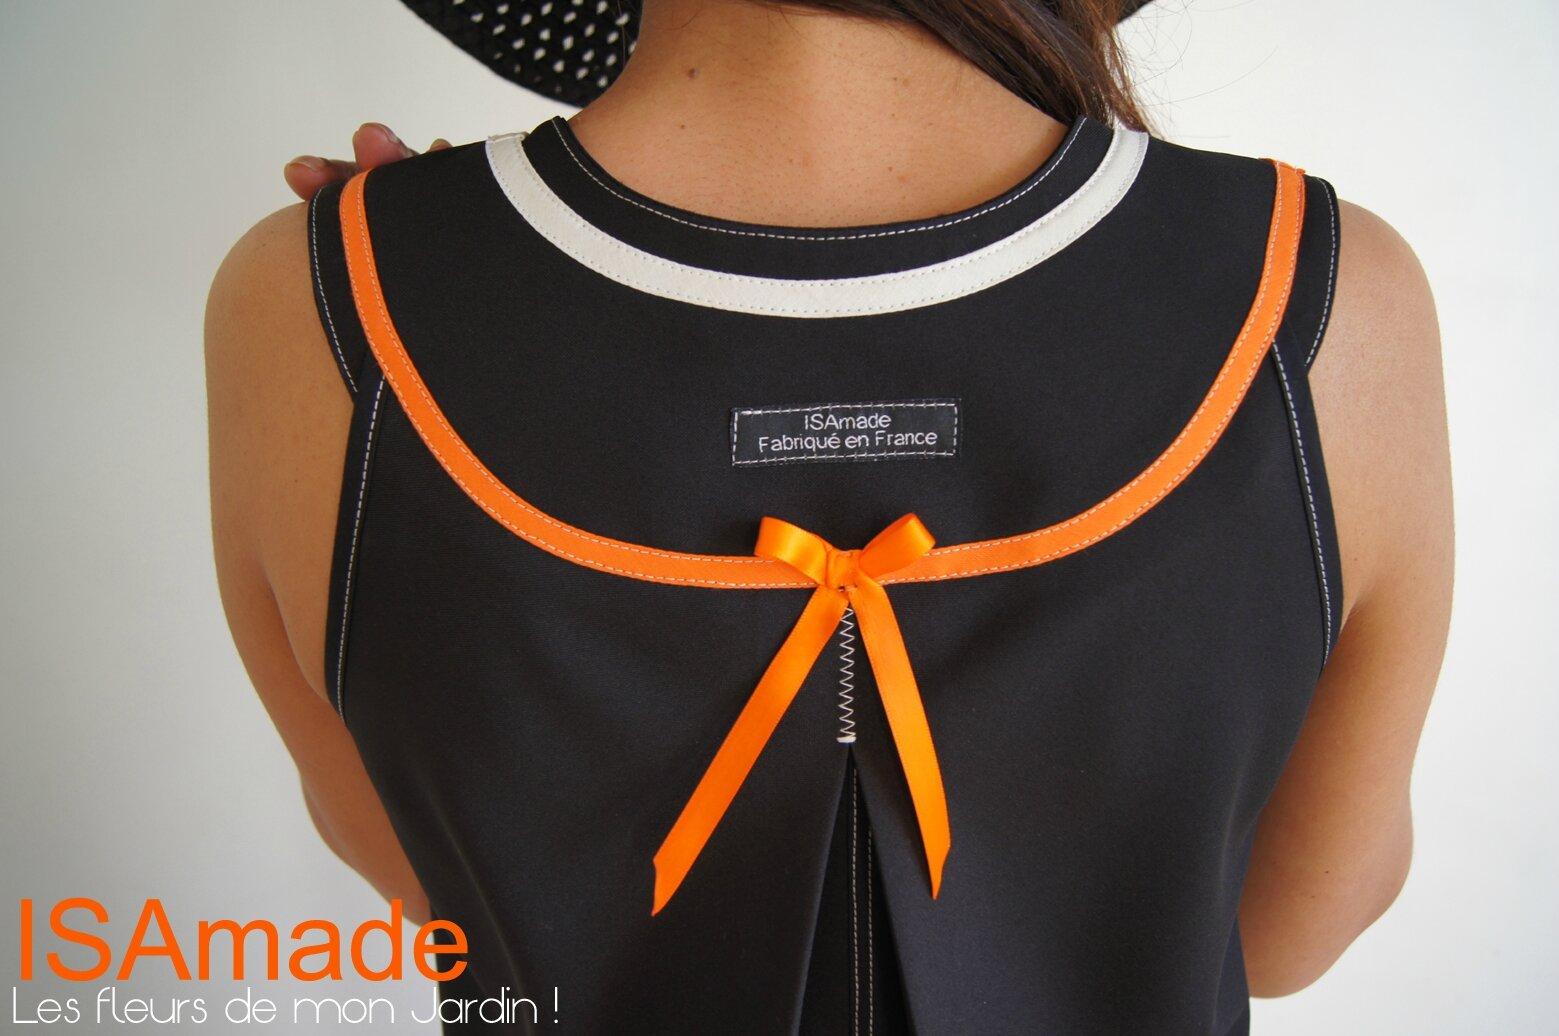 Robe trapèze de Style Sixties Géométrique Noire/ Blanche crème et Orange à imprimé Fleurs et Rubans